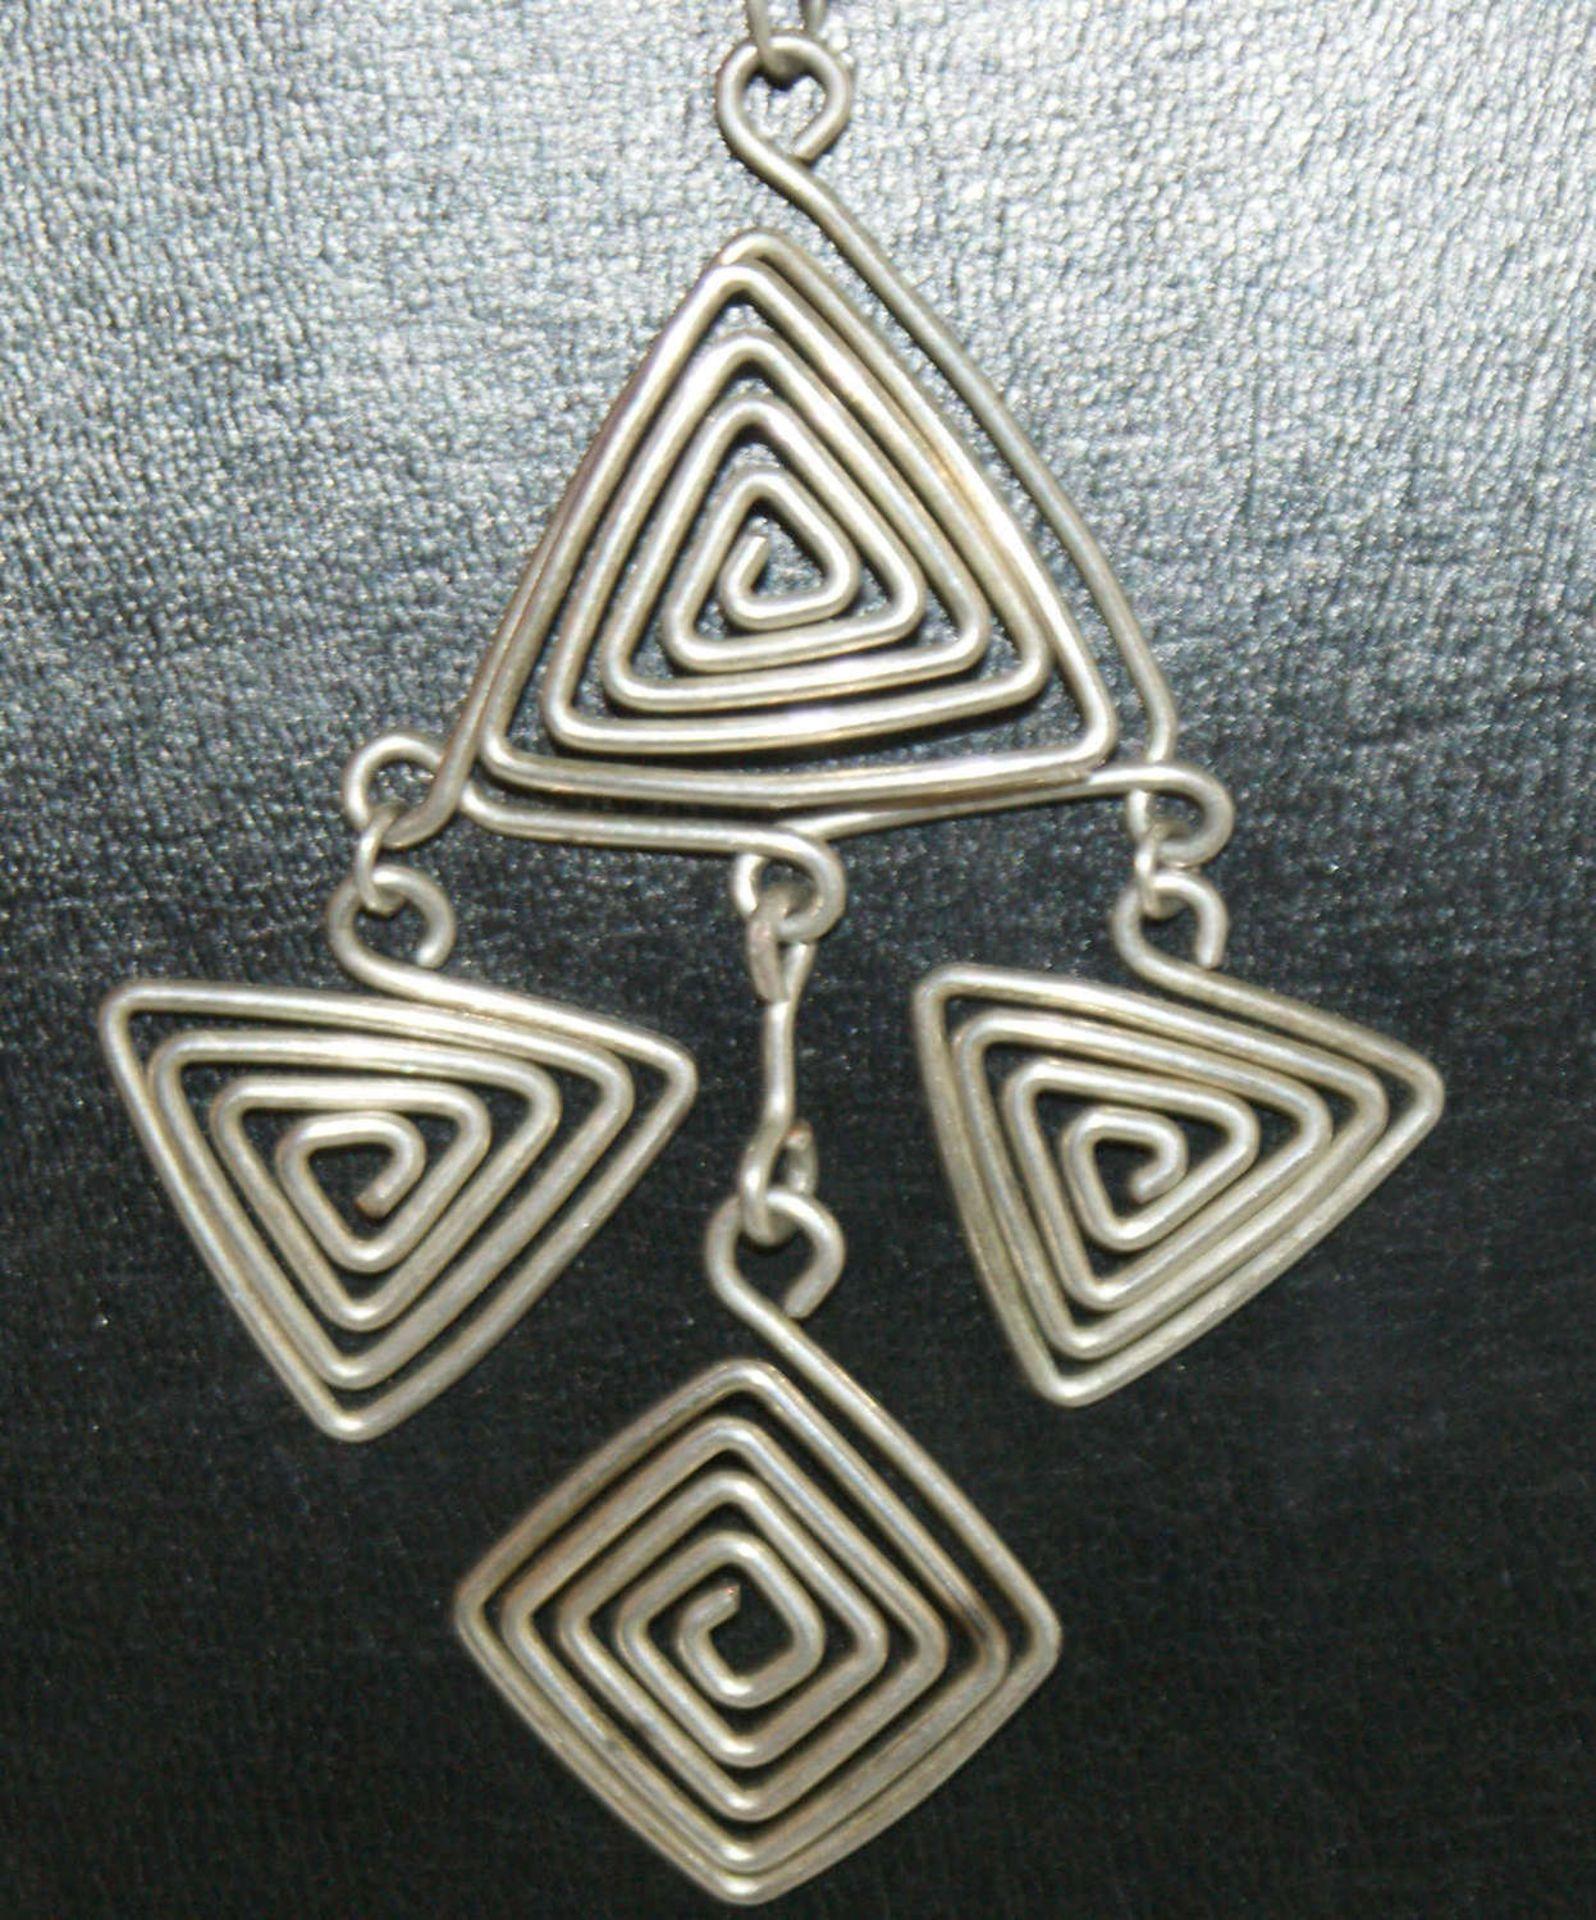 Silberkette, Länge ca. 70 cm, mit Anhänger aus Silberdraht. Moderne Optik. Gewicht ca. 30 gr. - Bild 2 aus 2